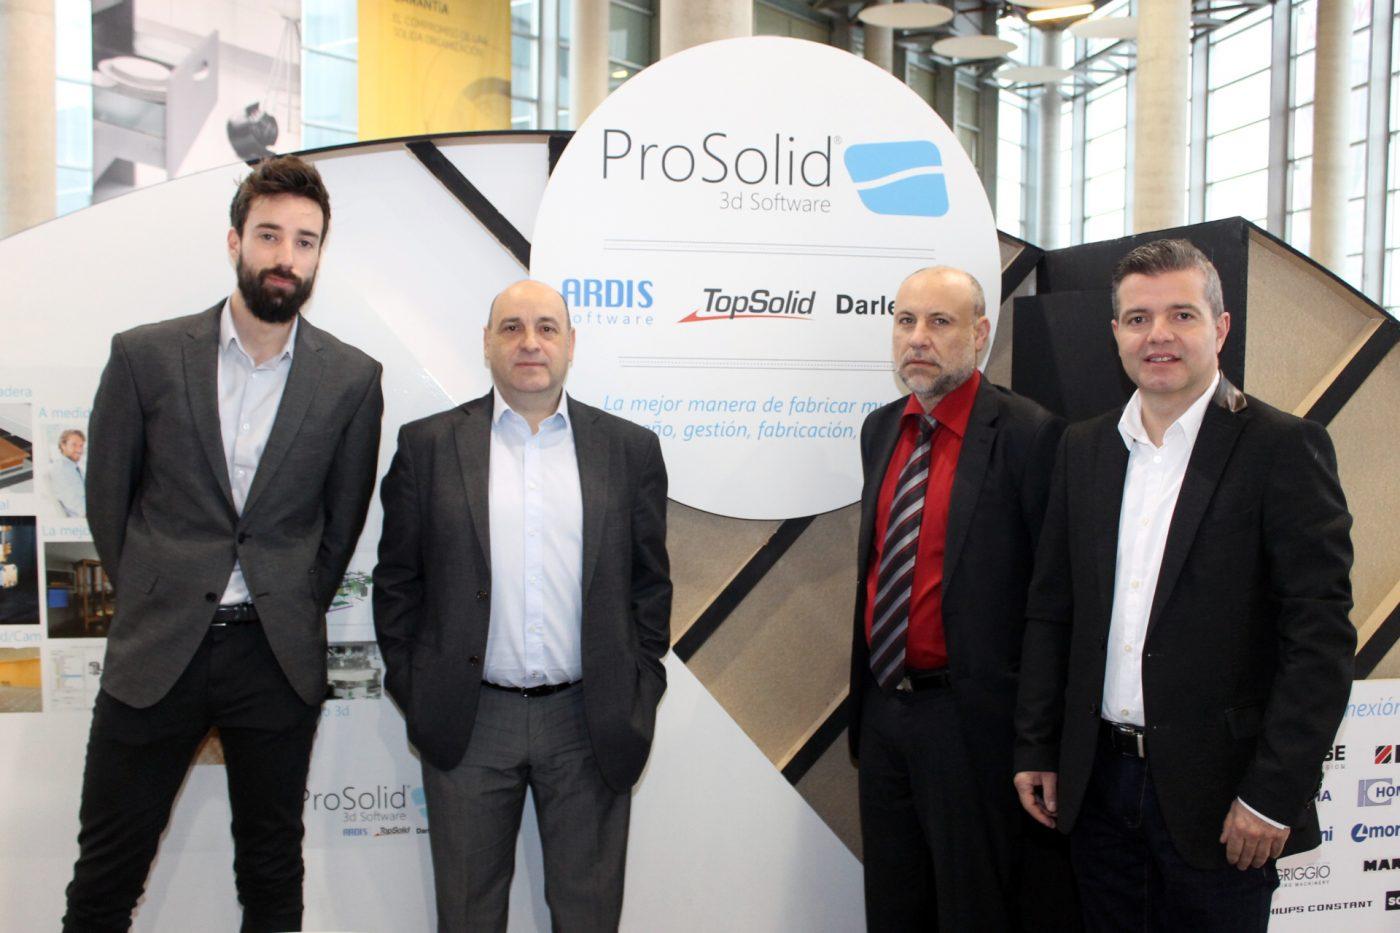 PROSOLID 3d Software presentará en FIMMA su respuesta integral para la industria del mueble y la madera